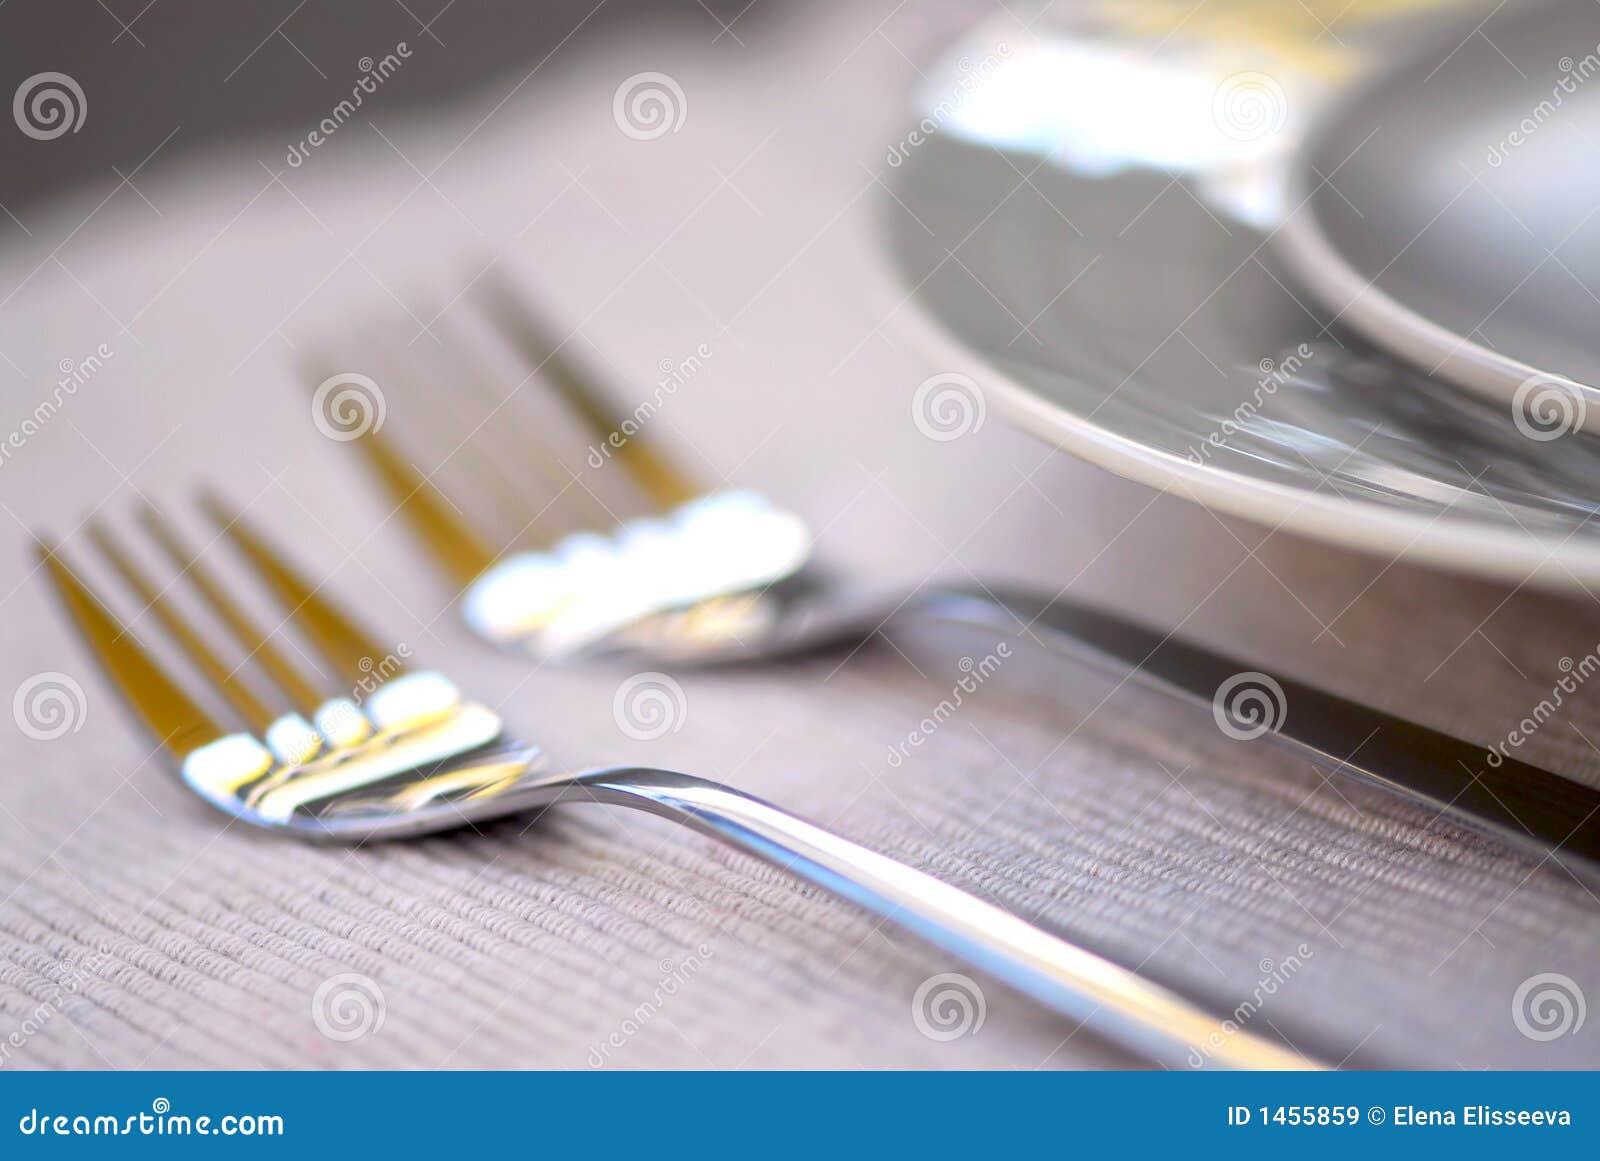 Placas y cuchillería